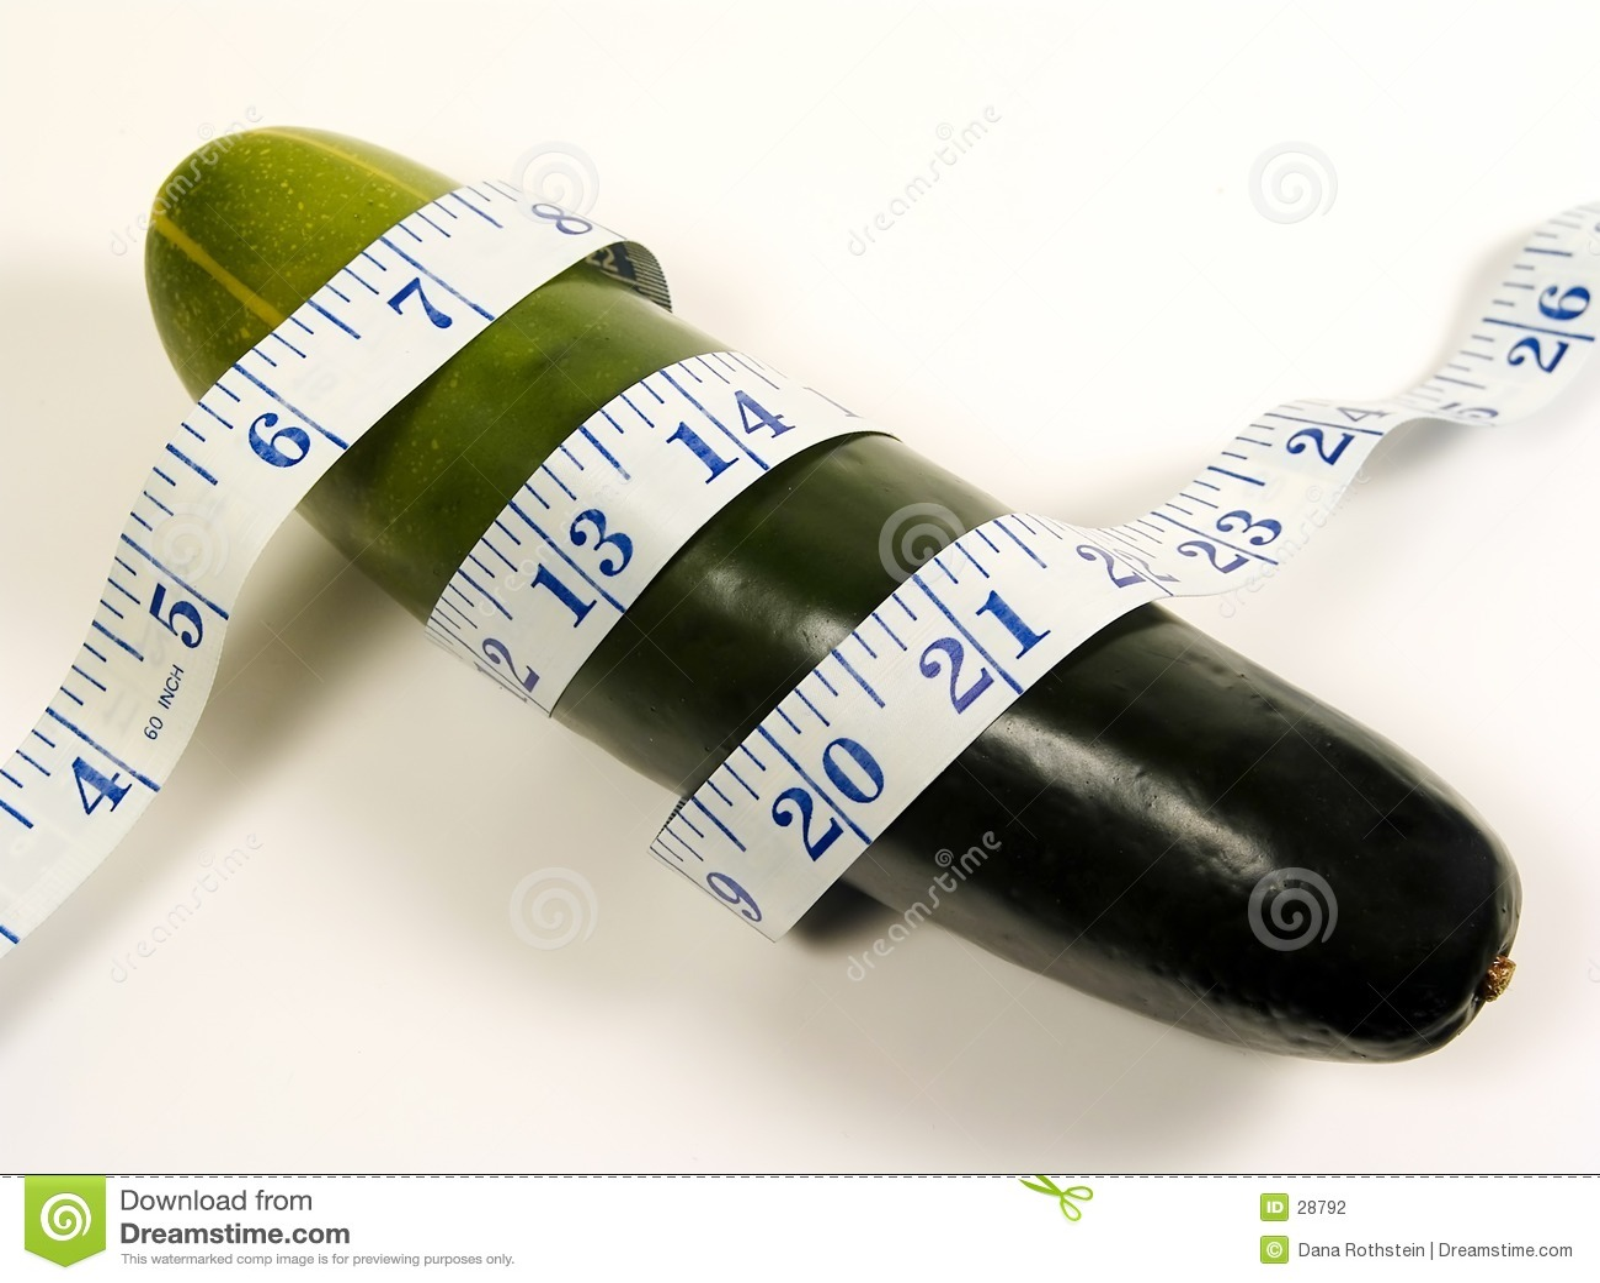 Download Gurke-Diät stockfoto. Bild von gewicht, diät, nahrung, medizinisch - 28792